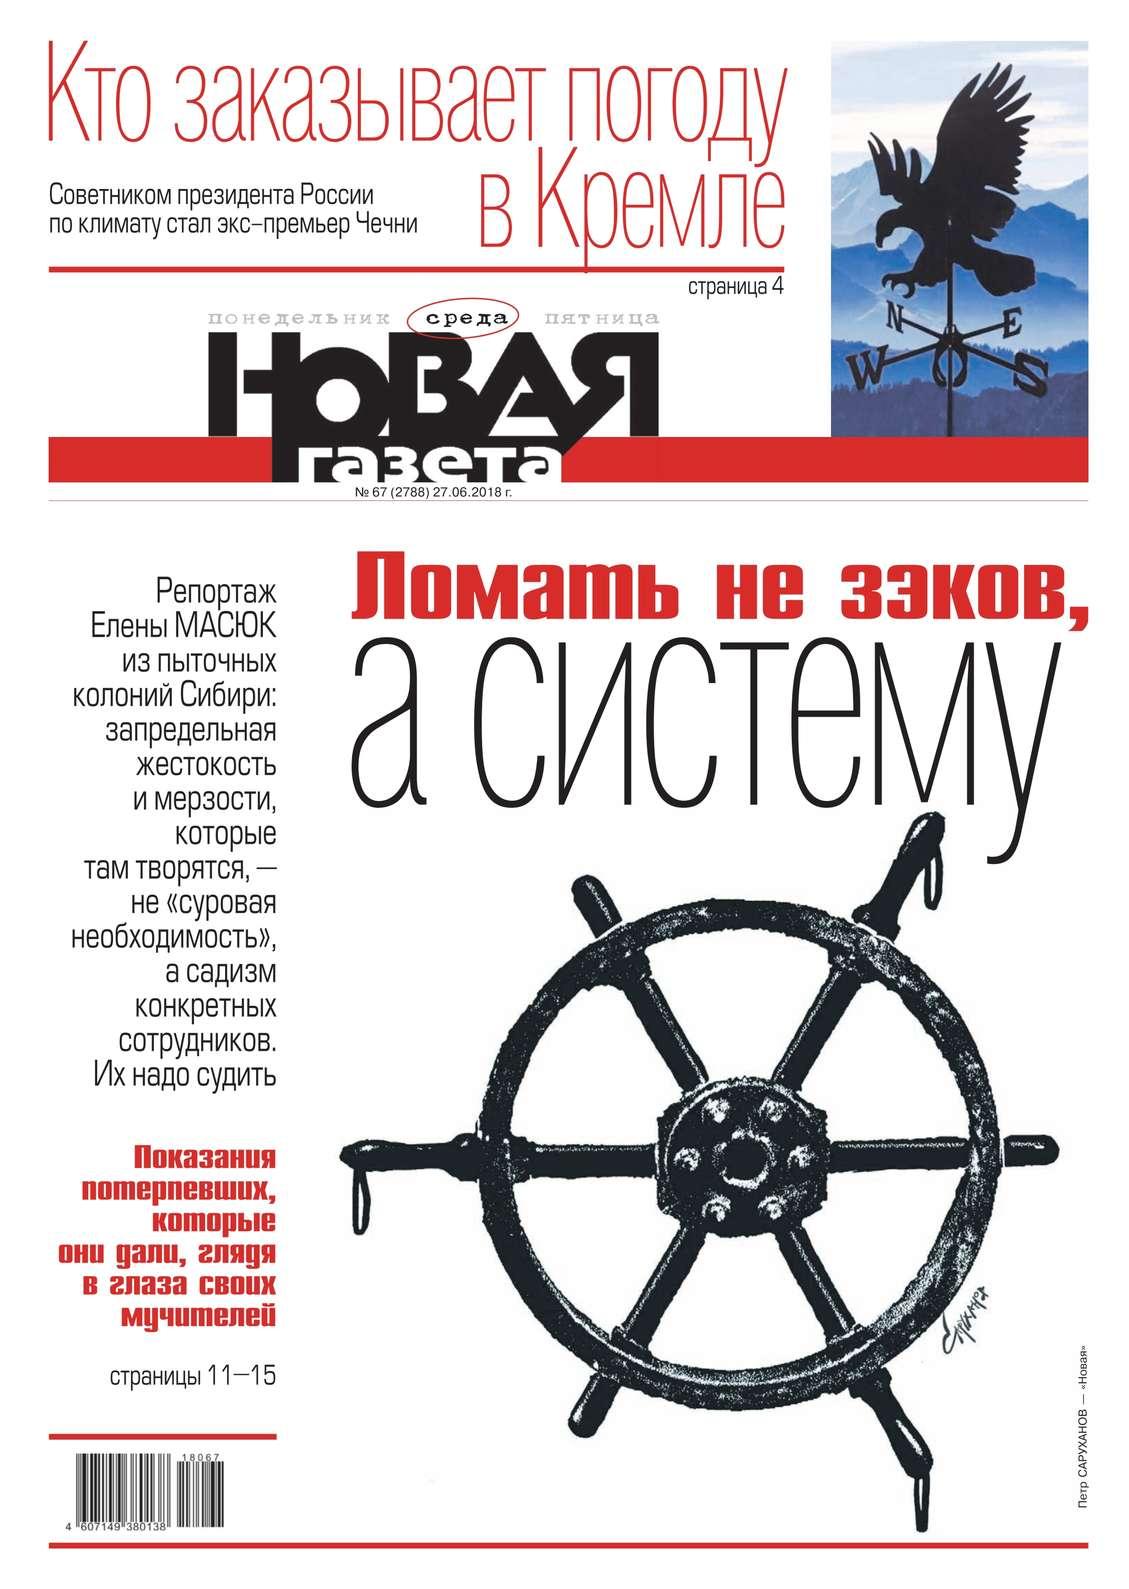 Редакция газеты Новая Газета Новая Газета 67-2018 редакция газеты новая газета новая газета 15 2018